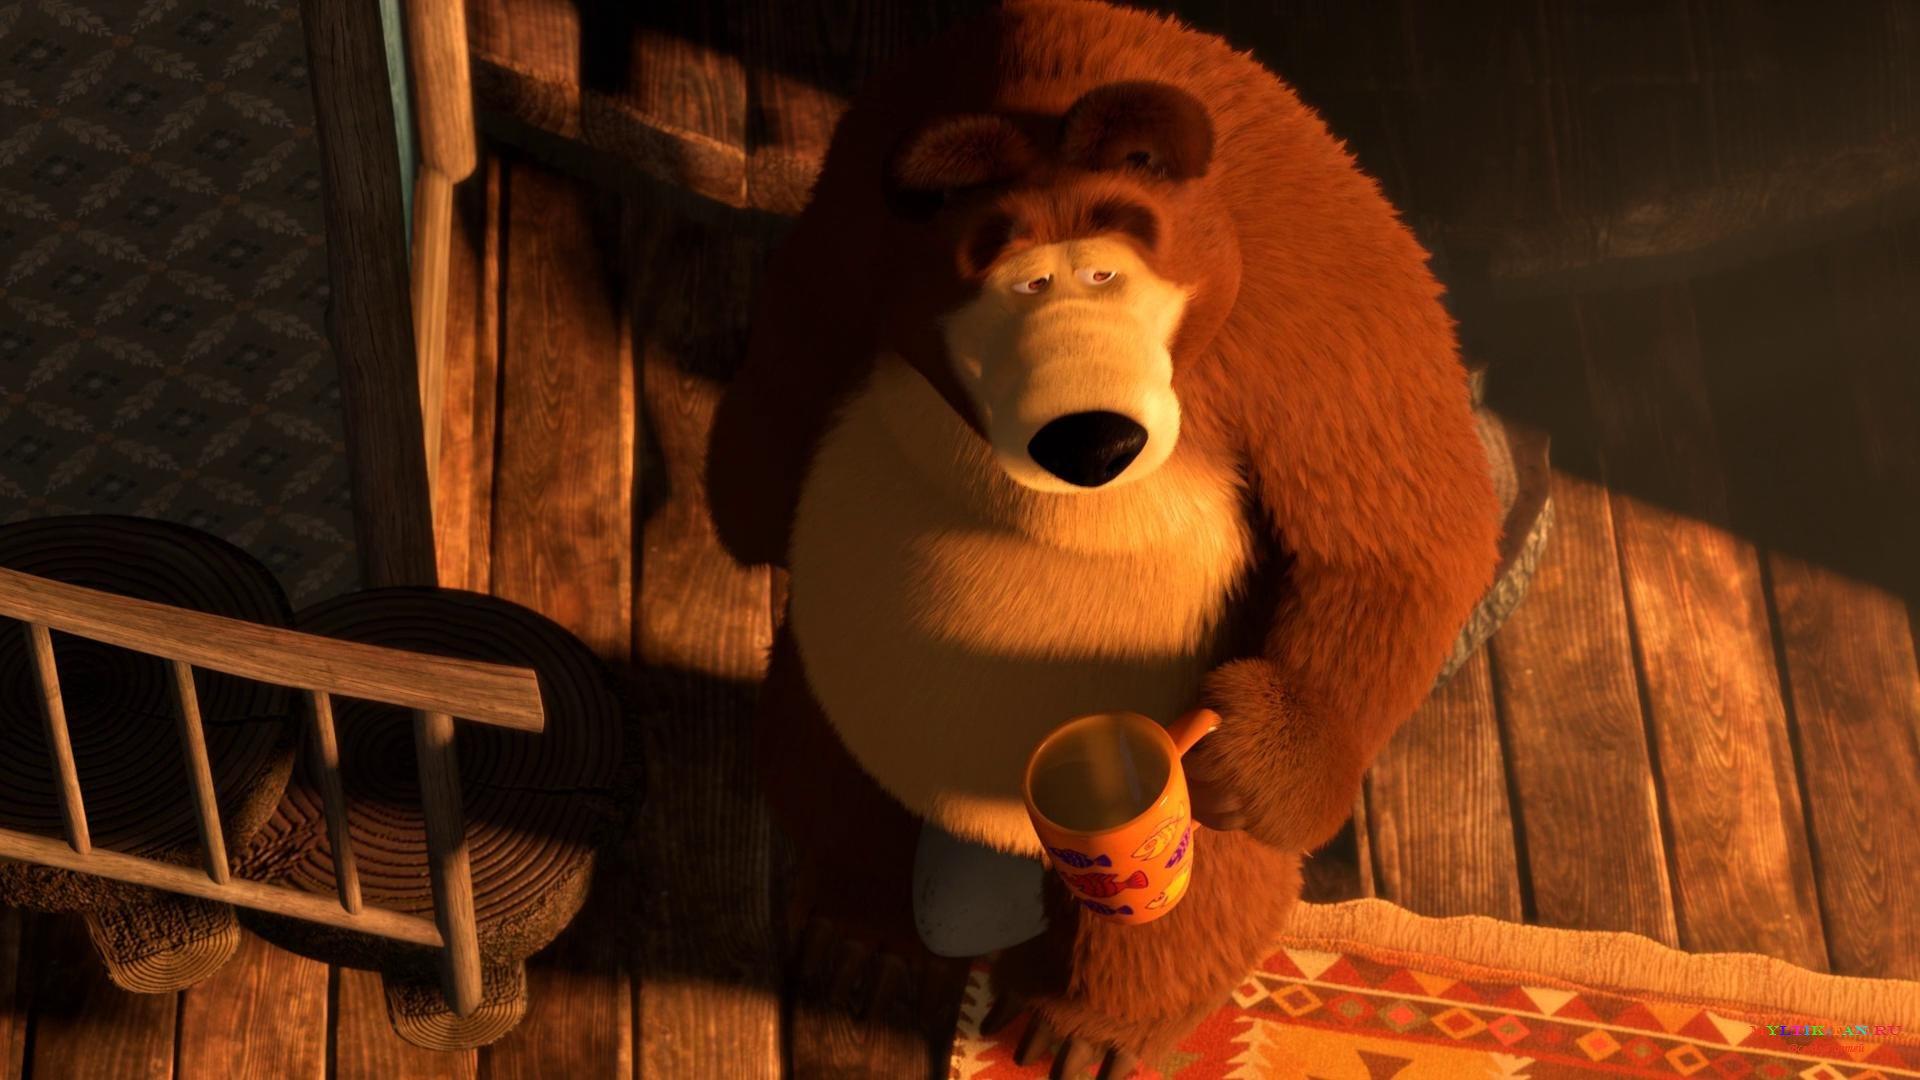 Скачать Песню Маша и Медведь - Колыбельная Бесплатно и слушать онлайн